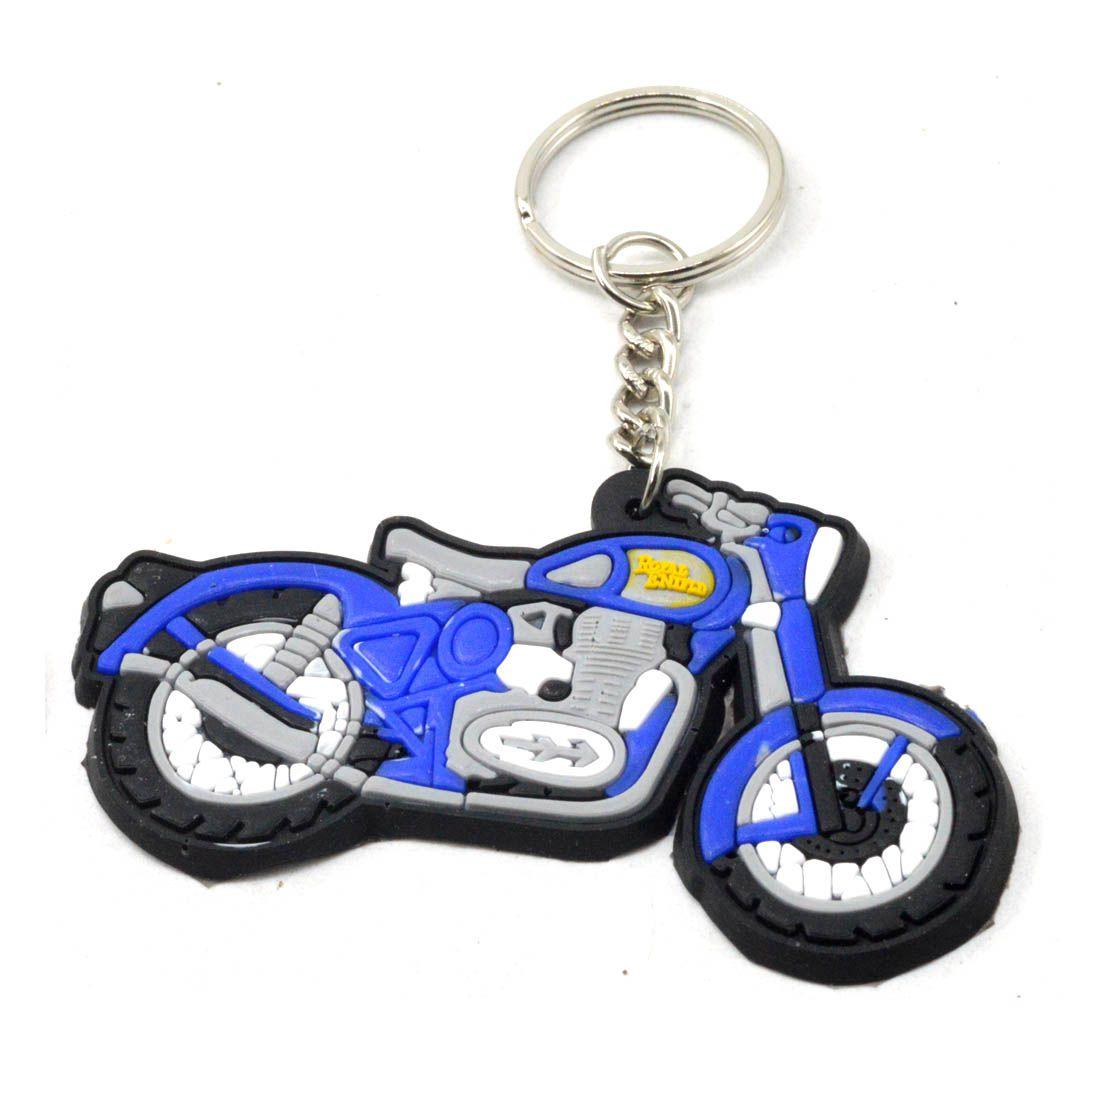 faynci royal enfield bullet bike logo black blue white silicone key